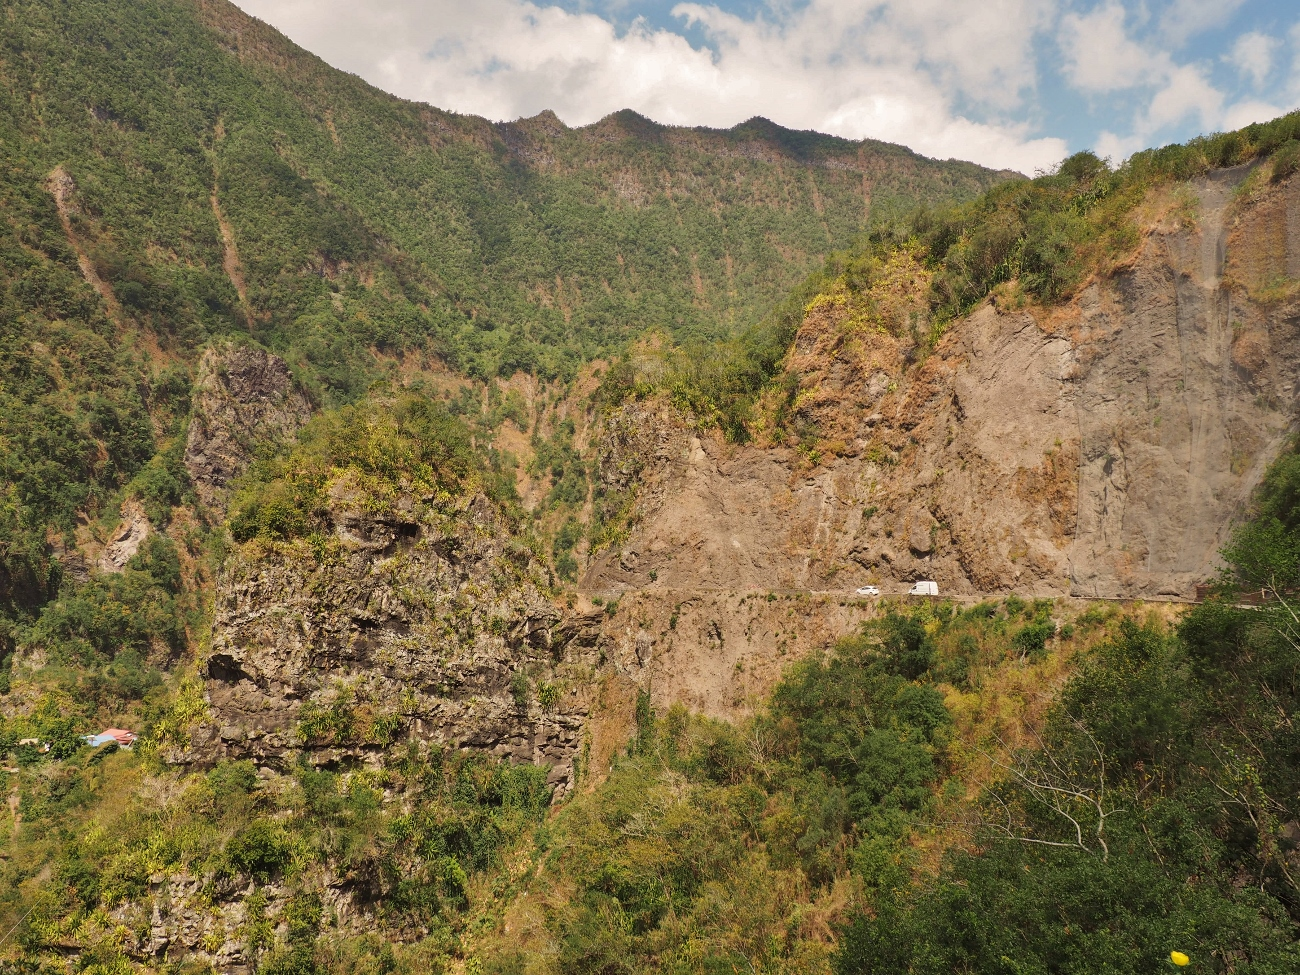 La route aux 400 virages menant à Cilaos